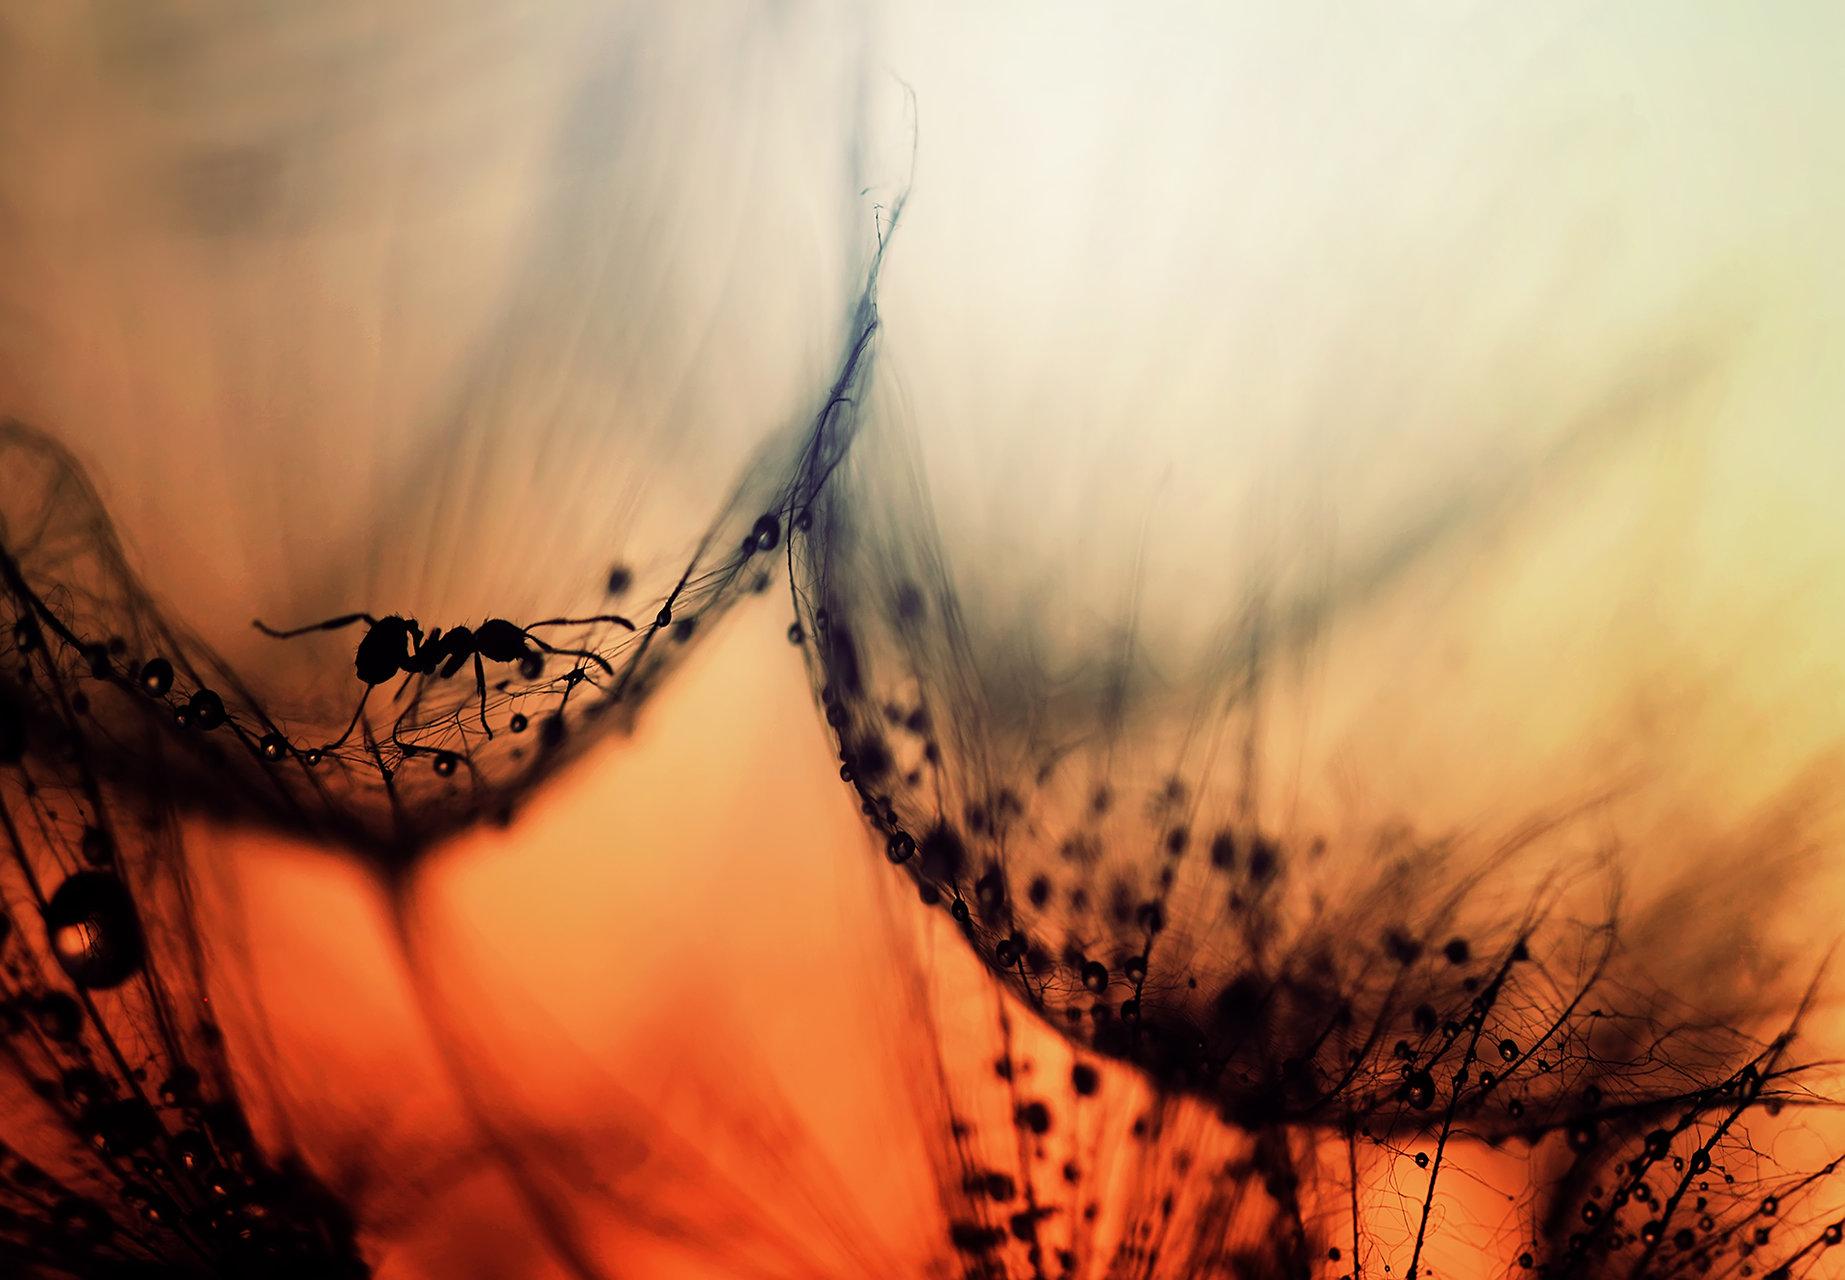 Photo in Backlight | Author Хristina Russeva - XristinaRuseva | PHOTO FORUM